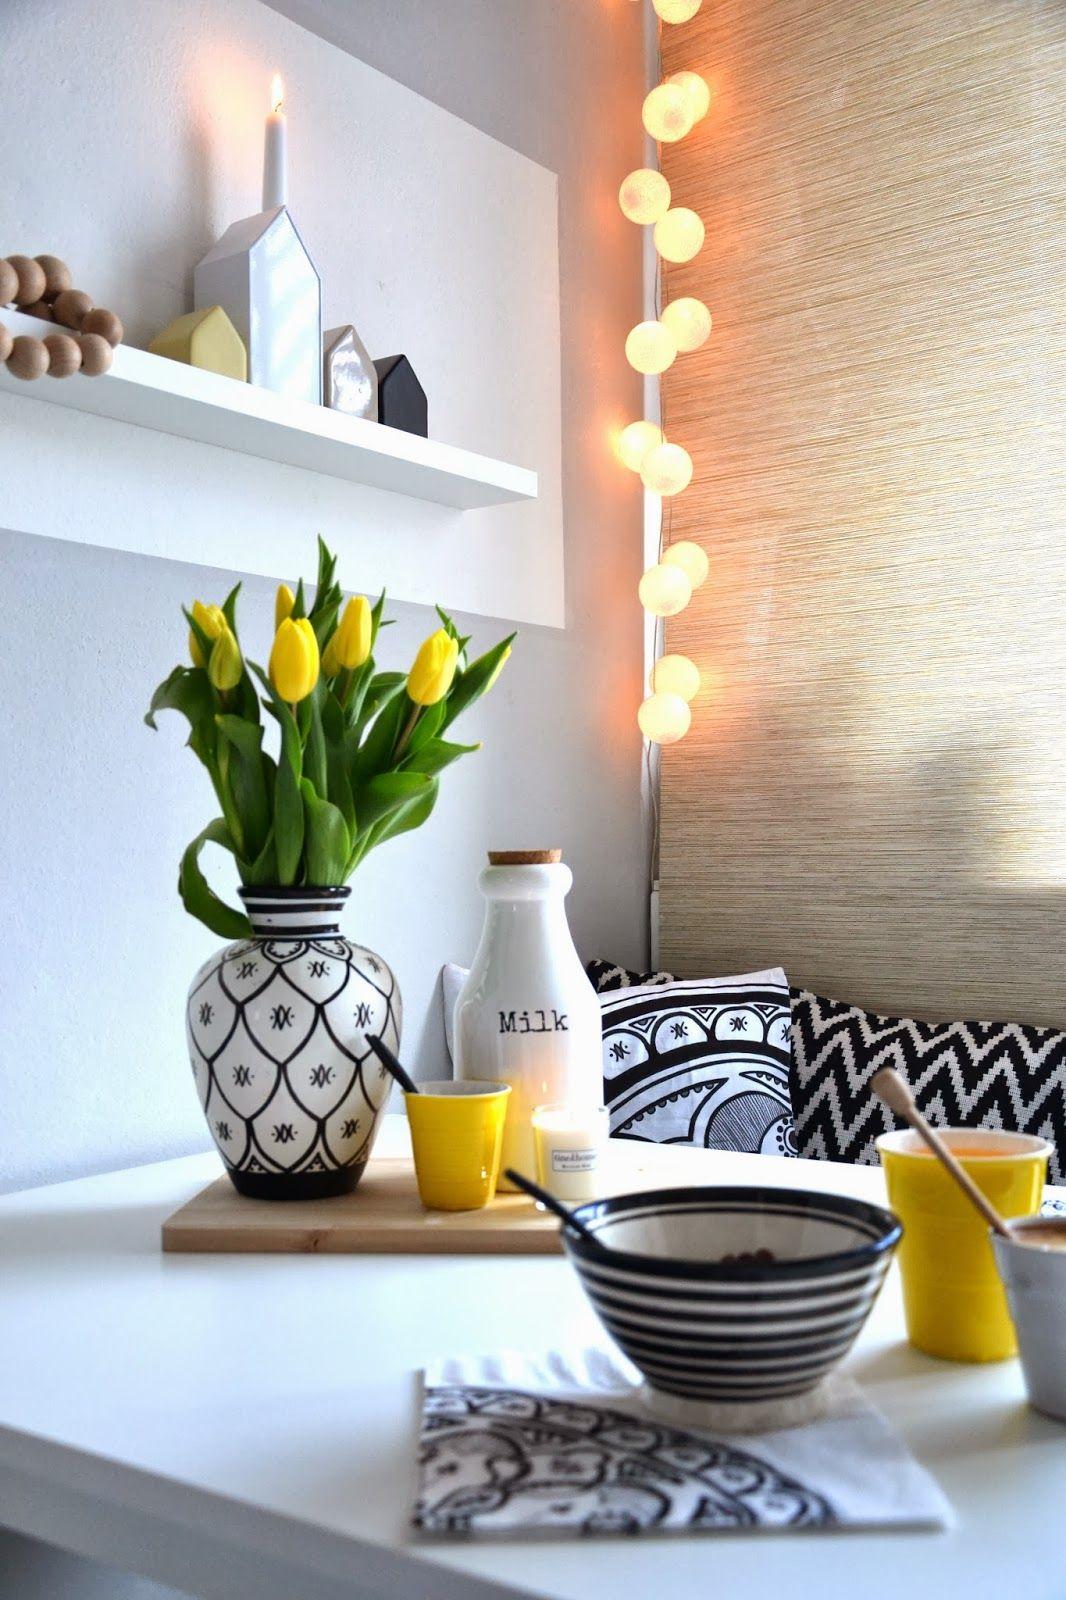 tine k home on pinterest ceramics showroom and workshop. Black Bedroom Furniture Sets. Home Design Ideas